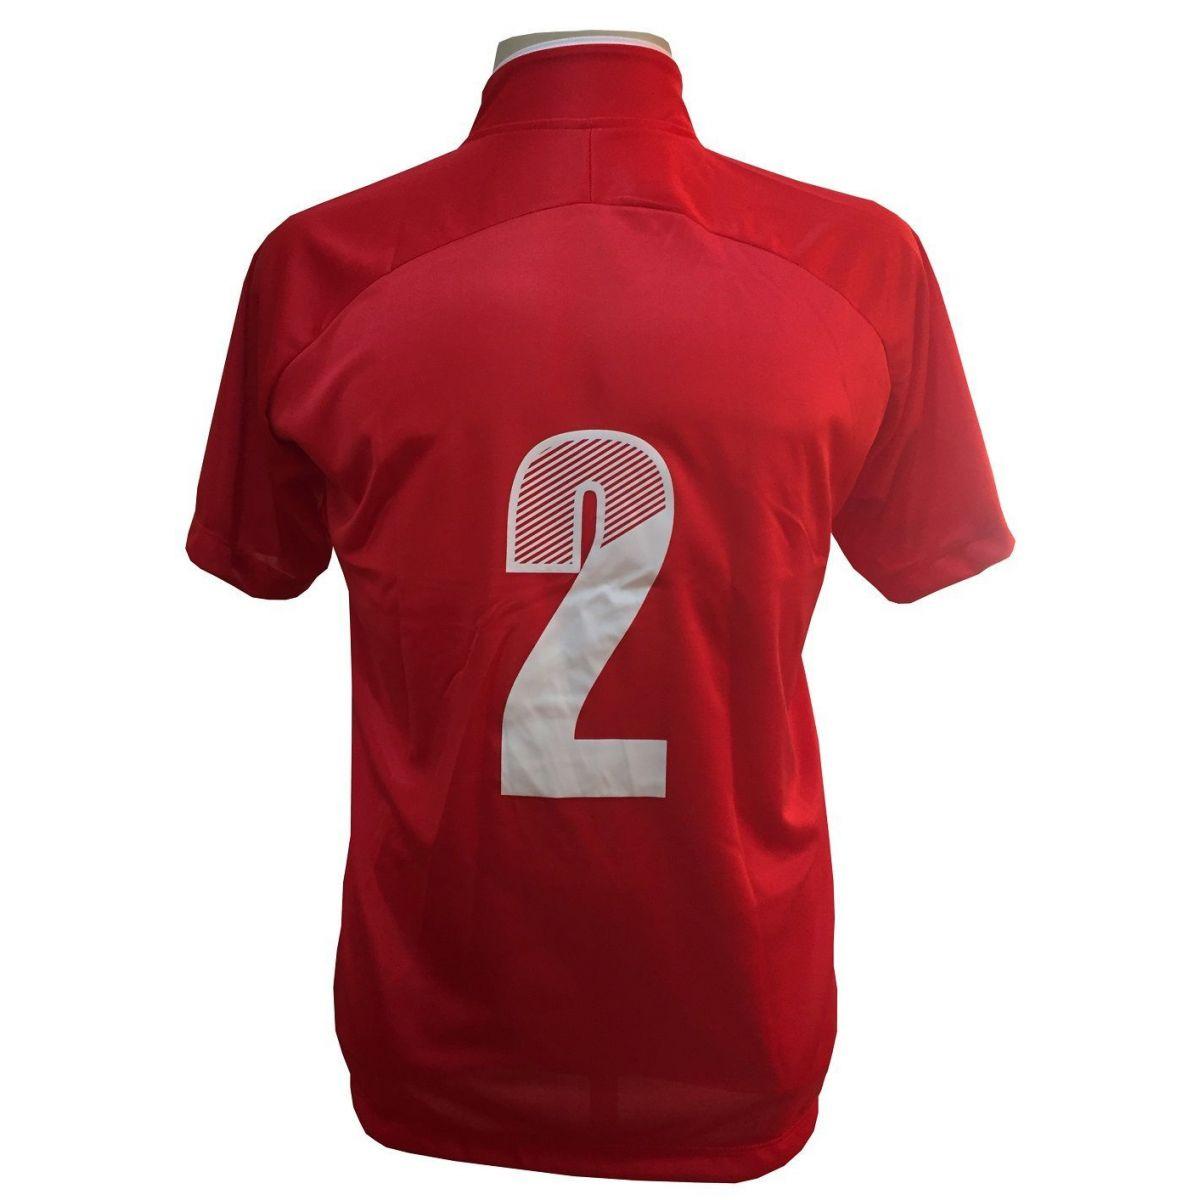 Uniforme Esportivo com 18 Camisas modelo City Vermelho/Branco + 18 Calções modelo Madrid Branco